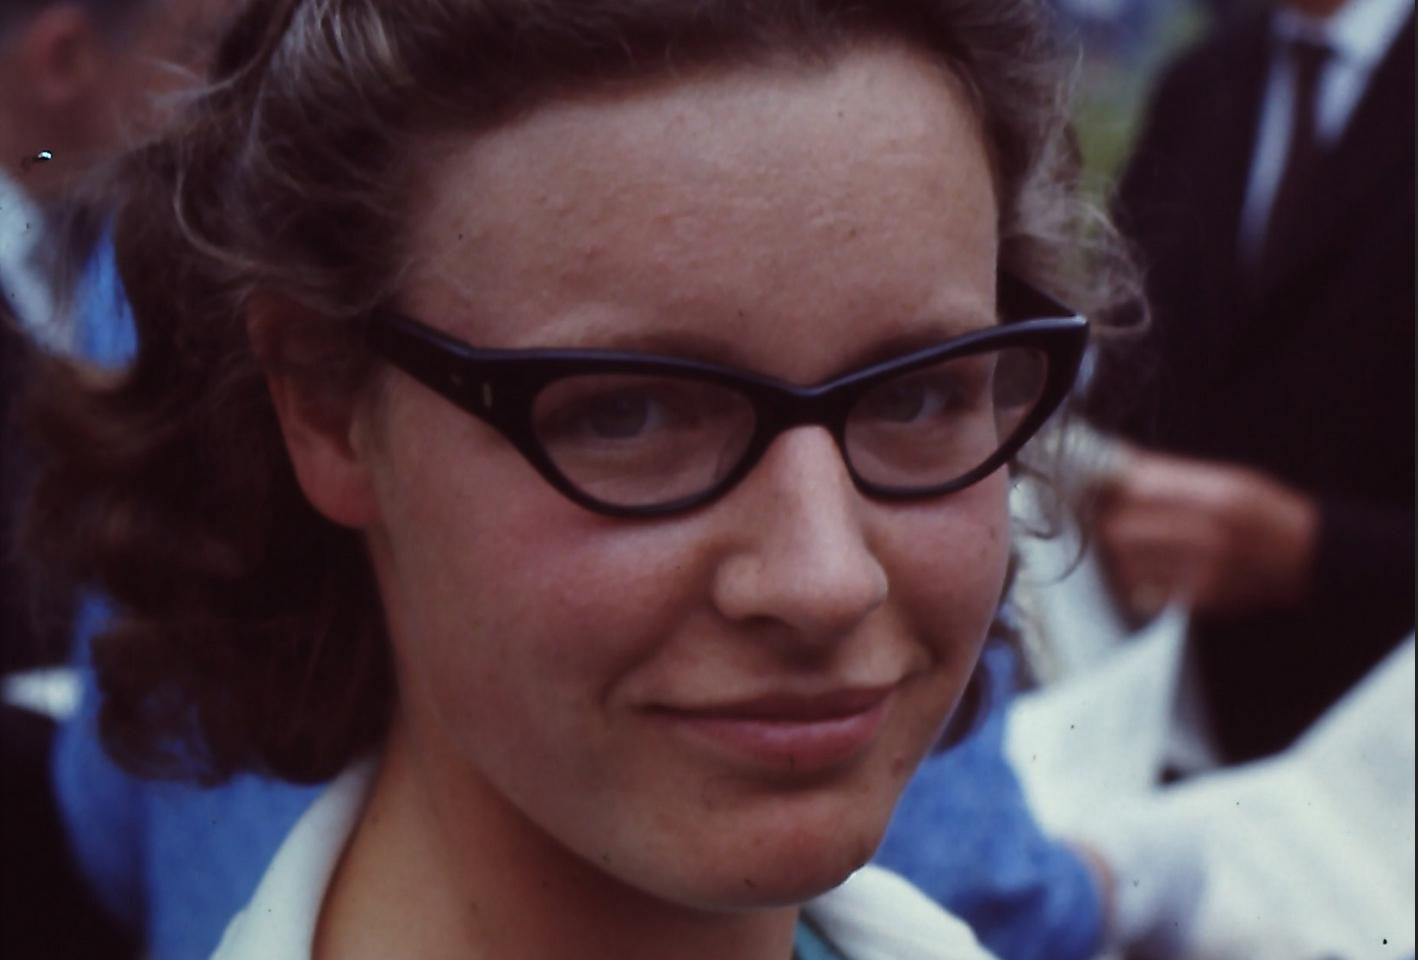 La astrónoma Jocelyn Bell, descubridora de los púlsares, en 1968